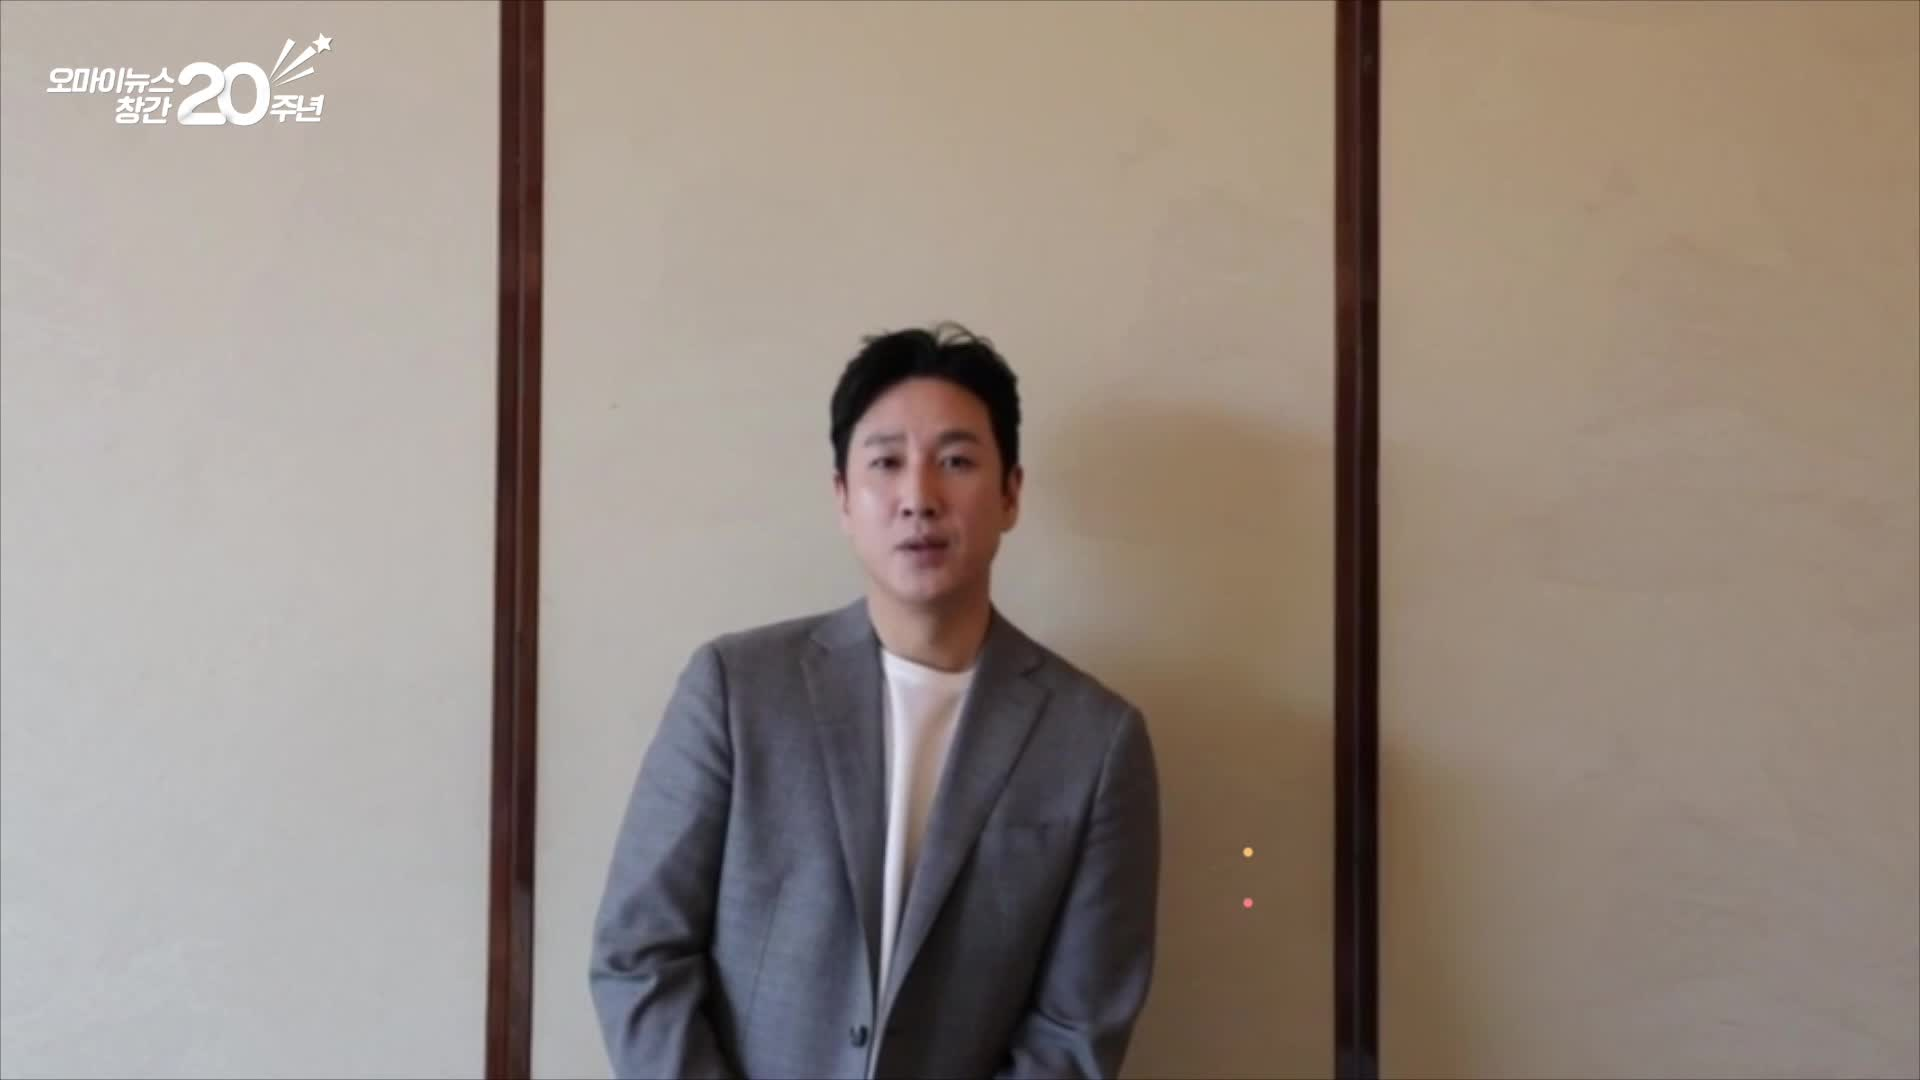 배우 이선균 오마이뉴스 창간20주년 기념 축하 동영상